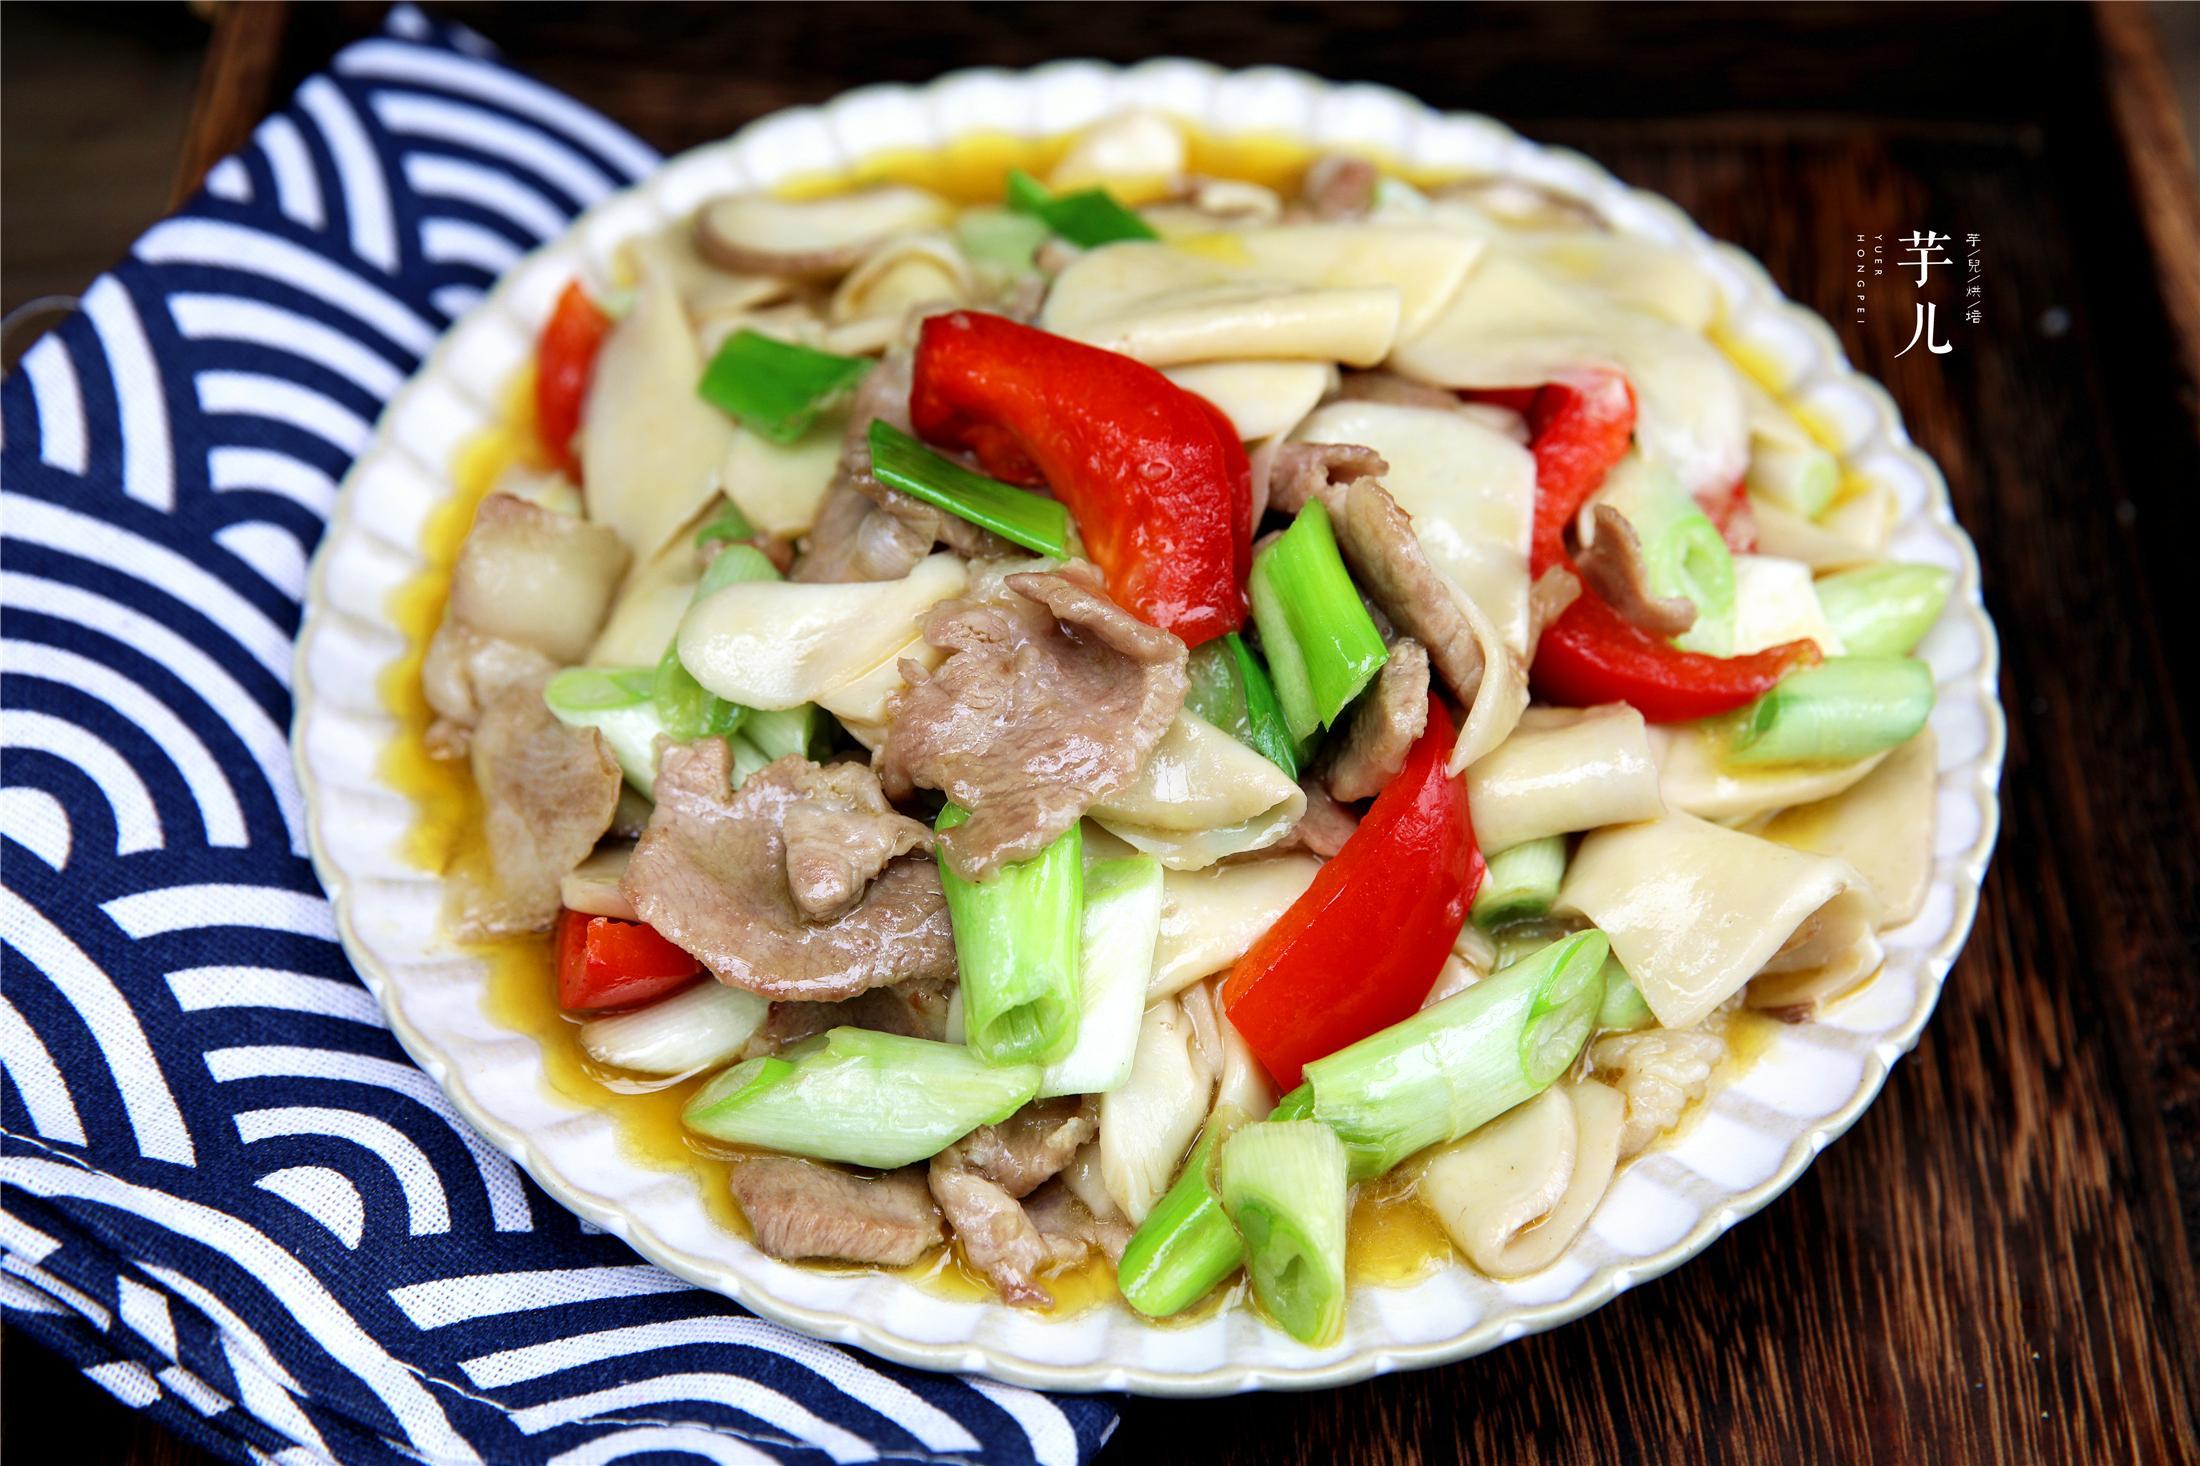 杏鲍菇最好吃的做法,简单美味,上桌被疯抢,嫩滑爽口比肉还香